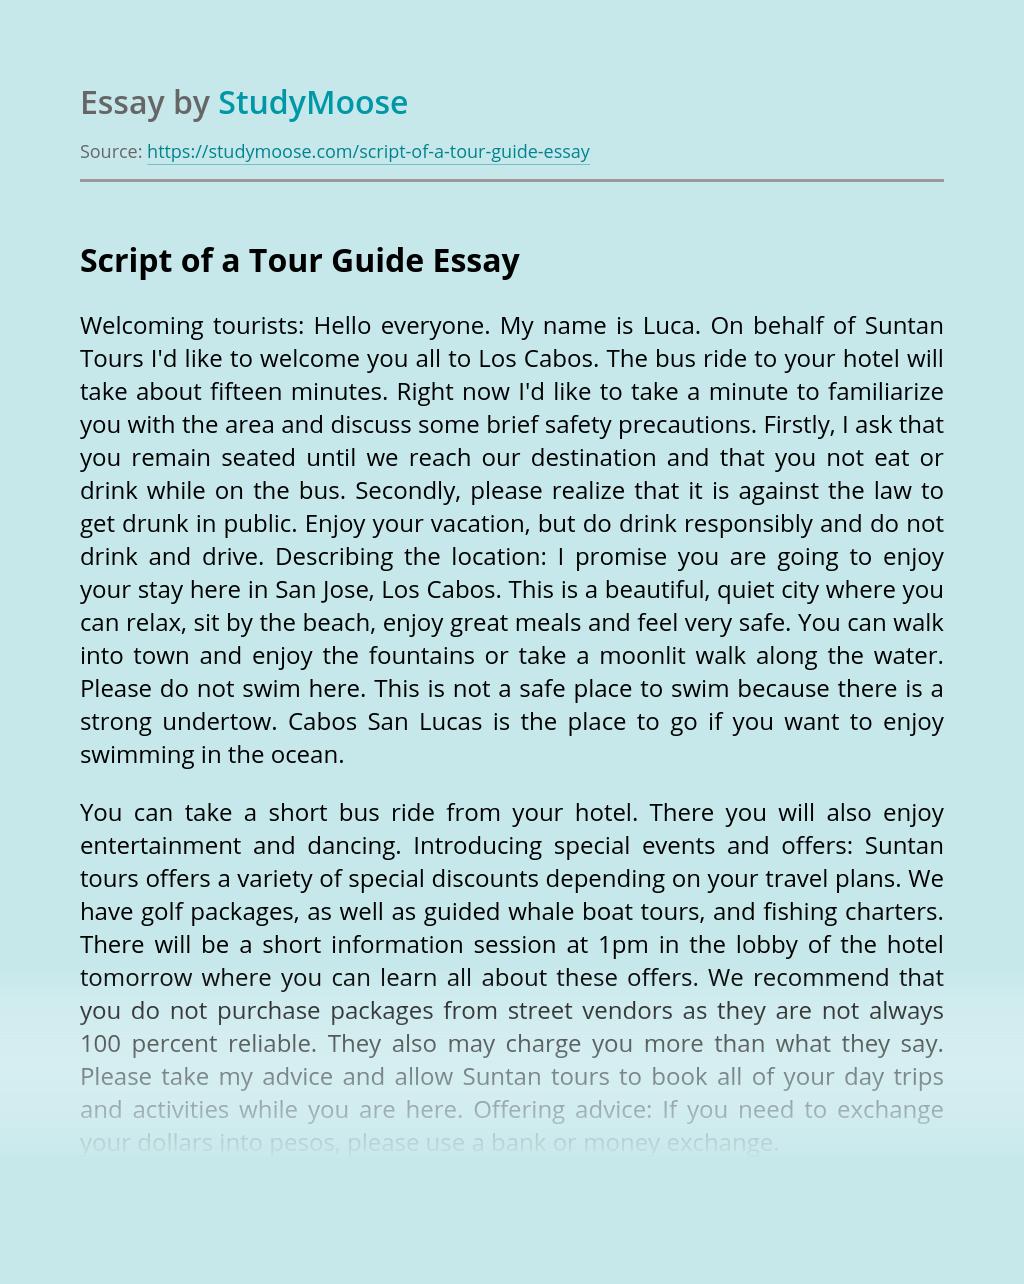 Script of a Tour Guide